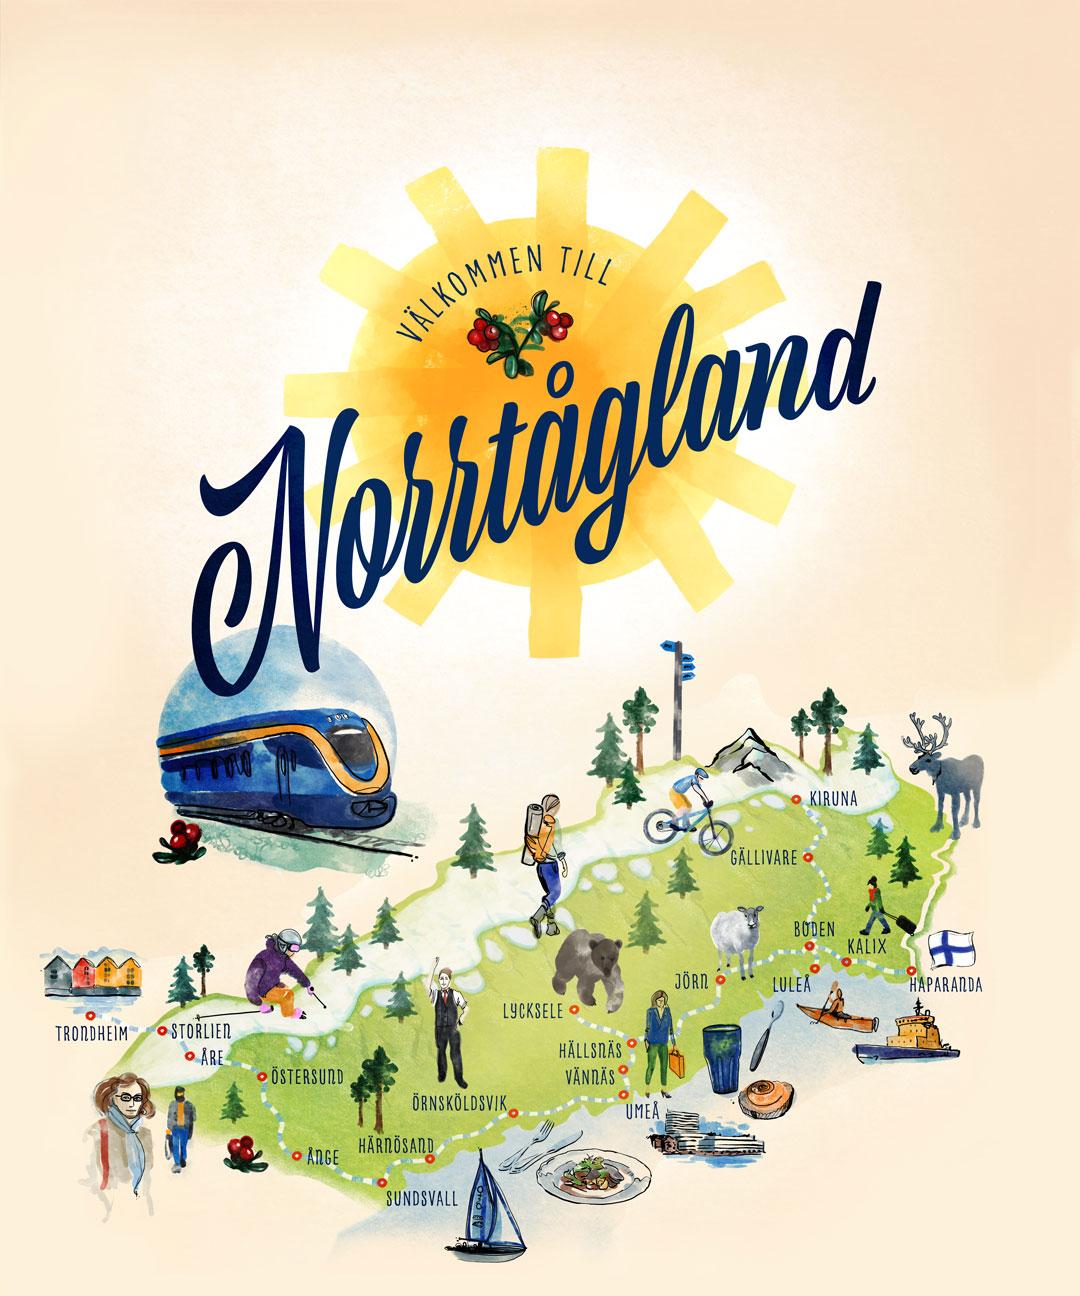 Karta över norrtågland